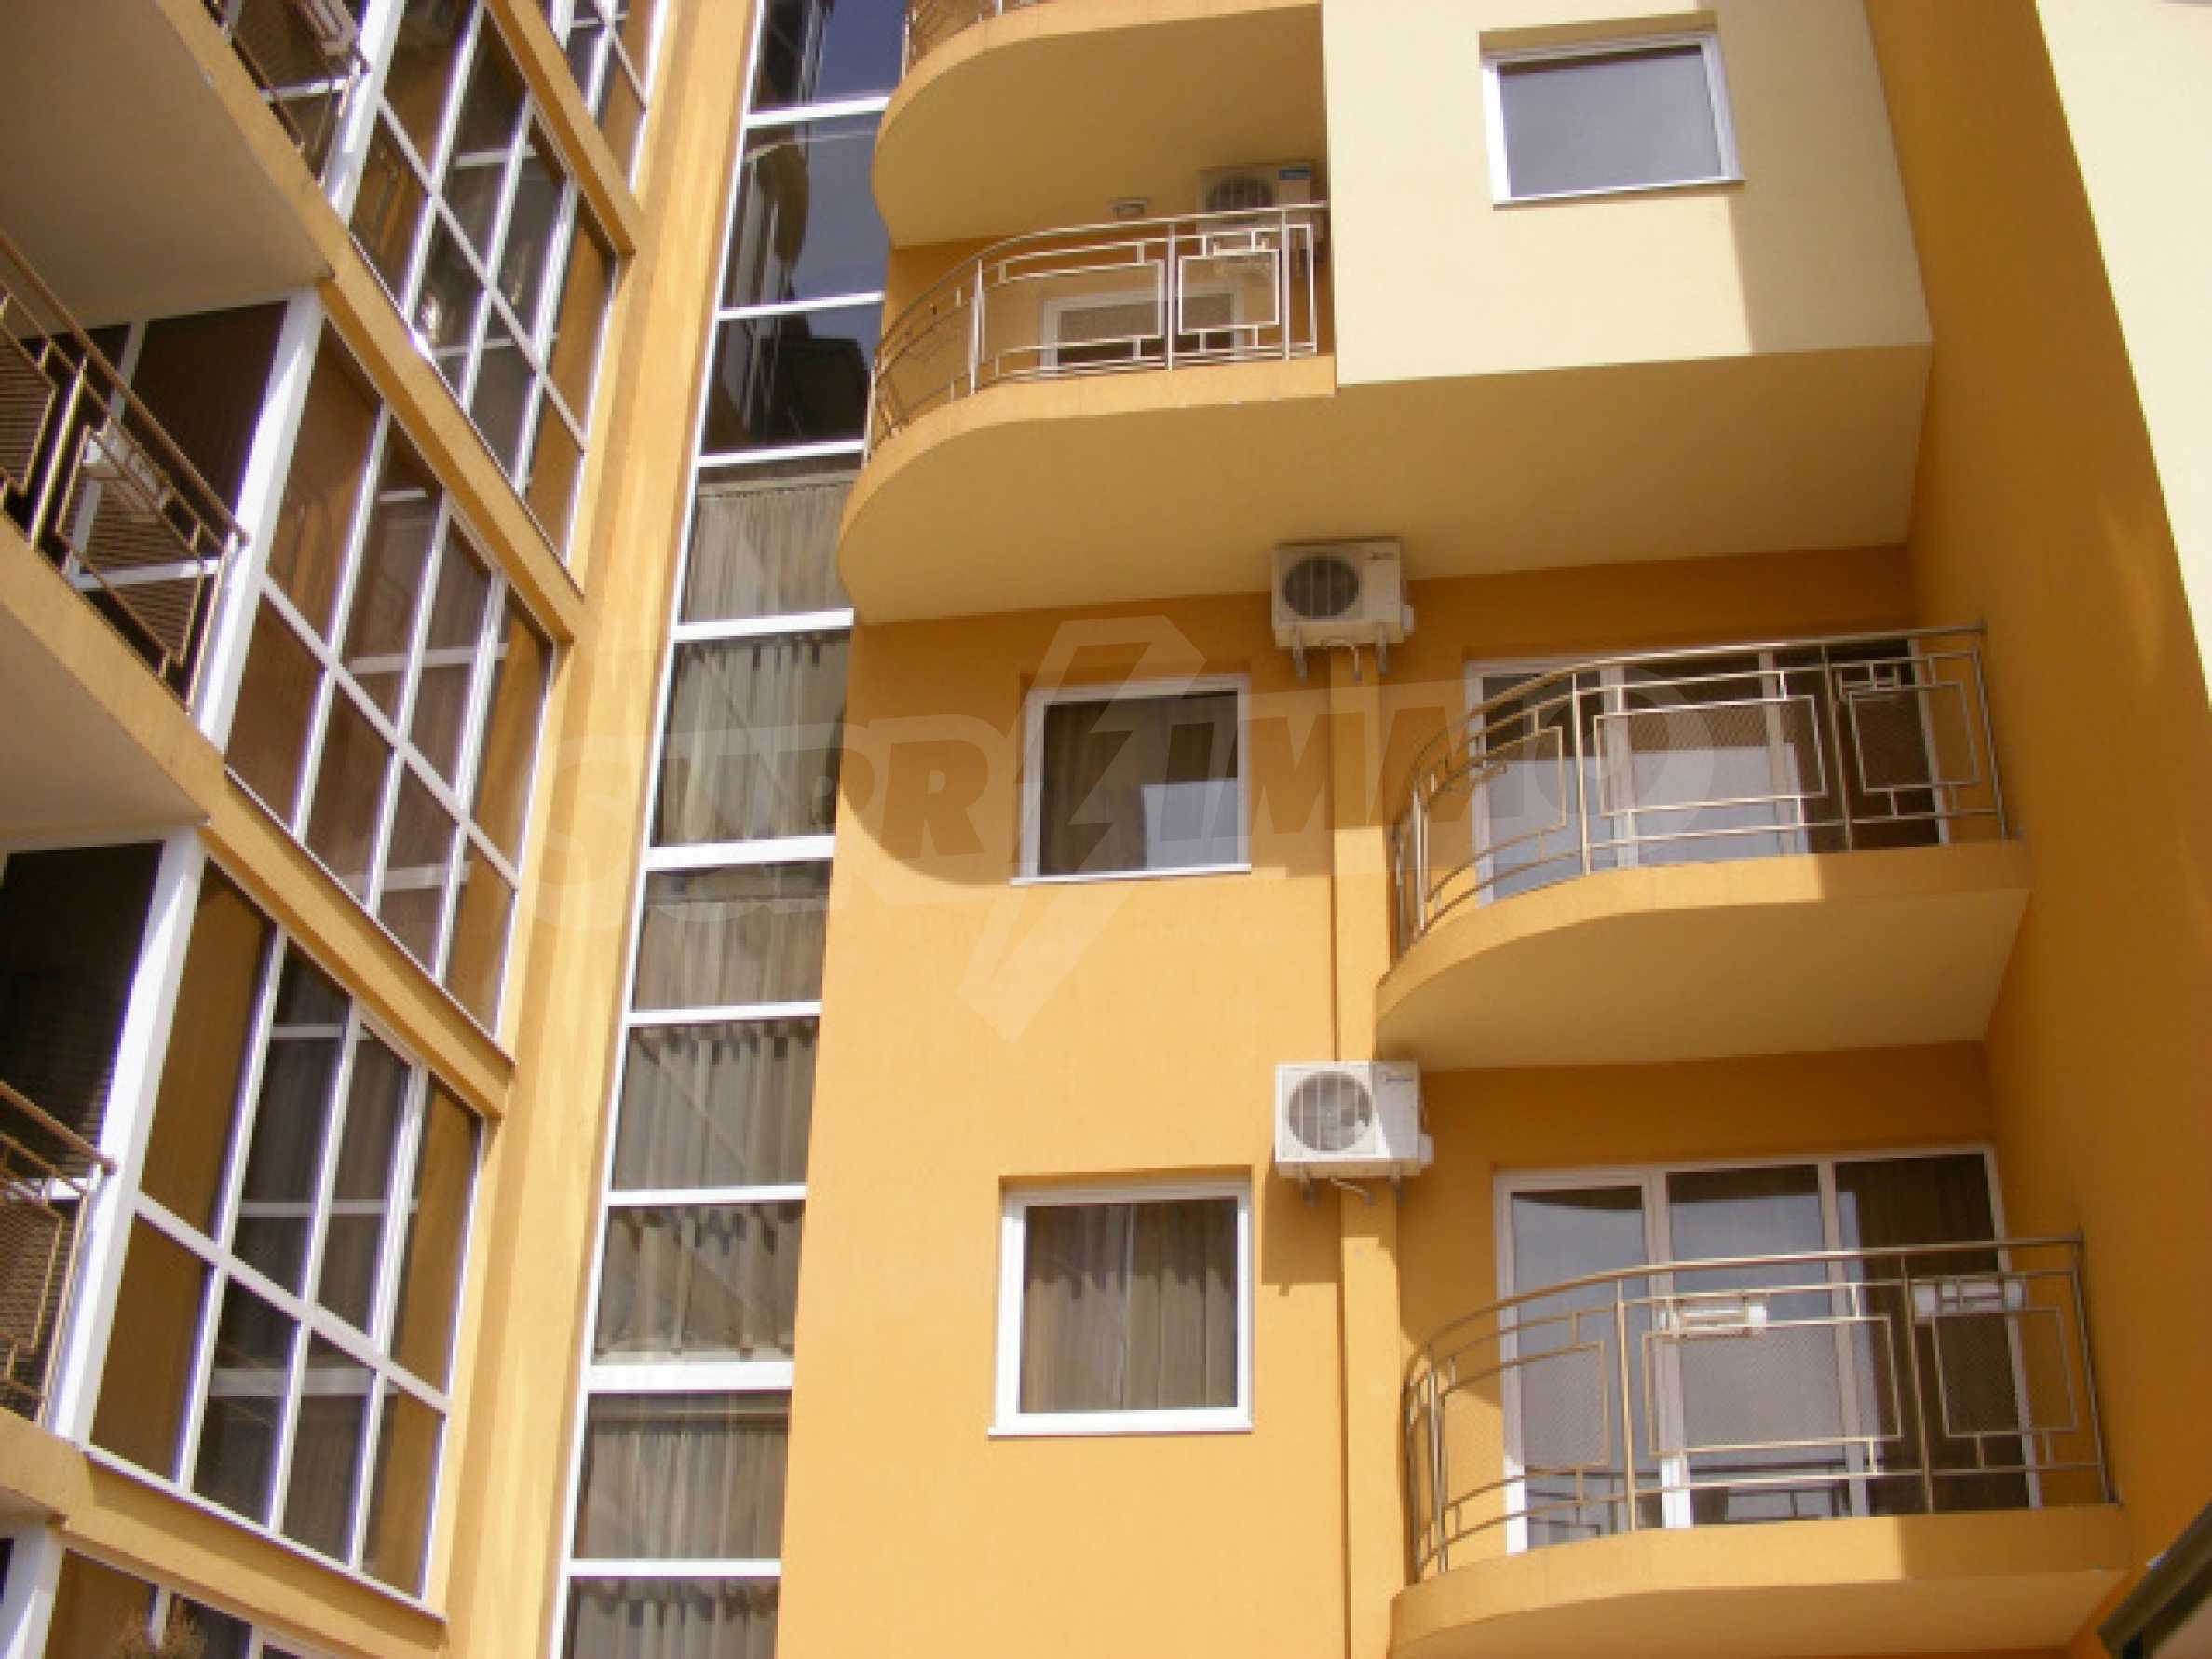 Напълно обзаведен двустаен апартамент в кк. Златни пясъци, с Морска панорама 2